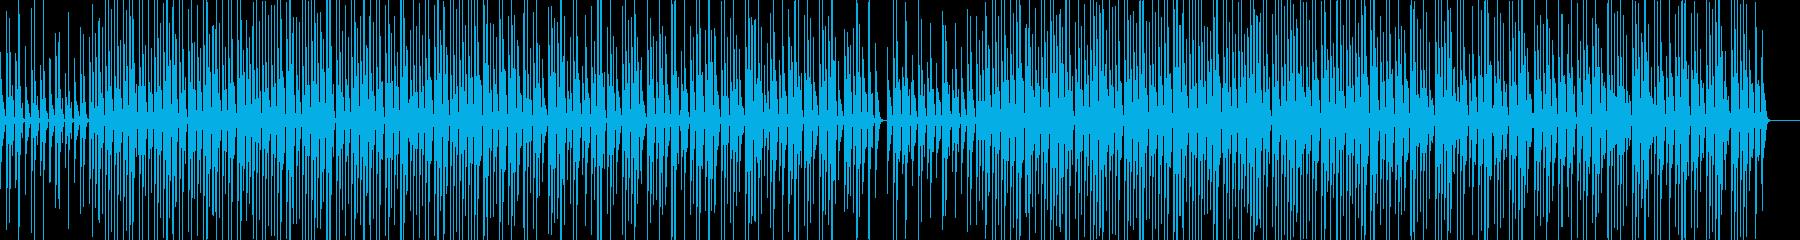 日常・ほのぼのマリンバメイン bの再生済みの波形